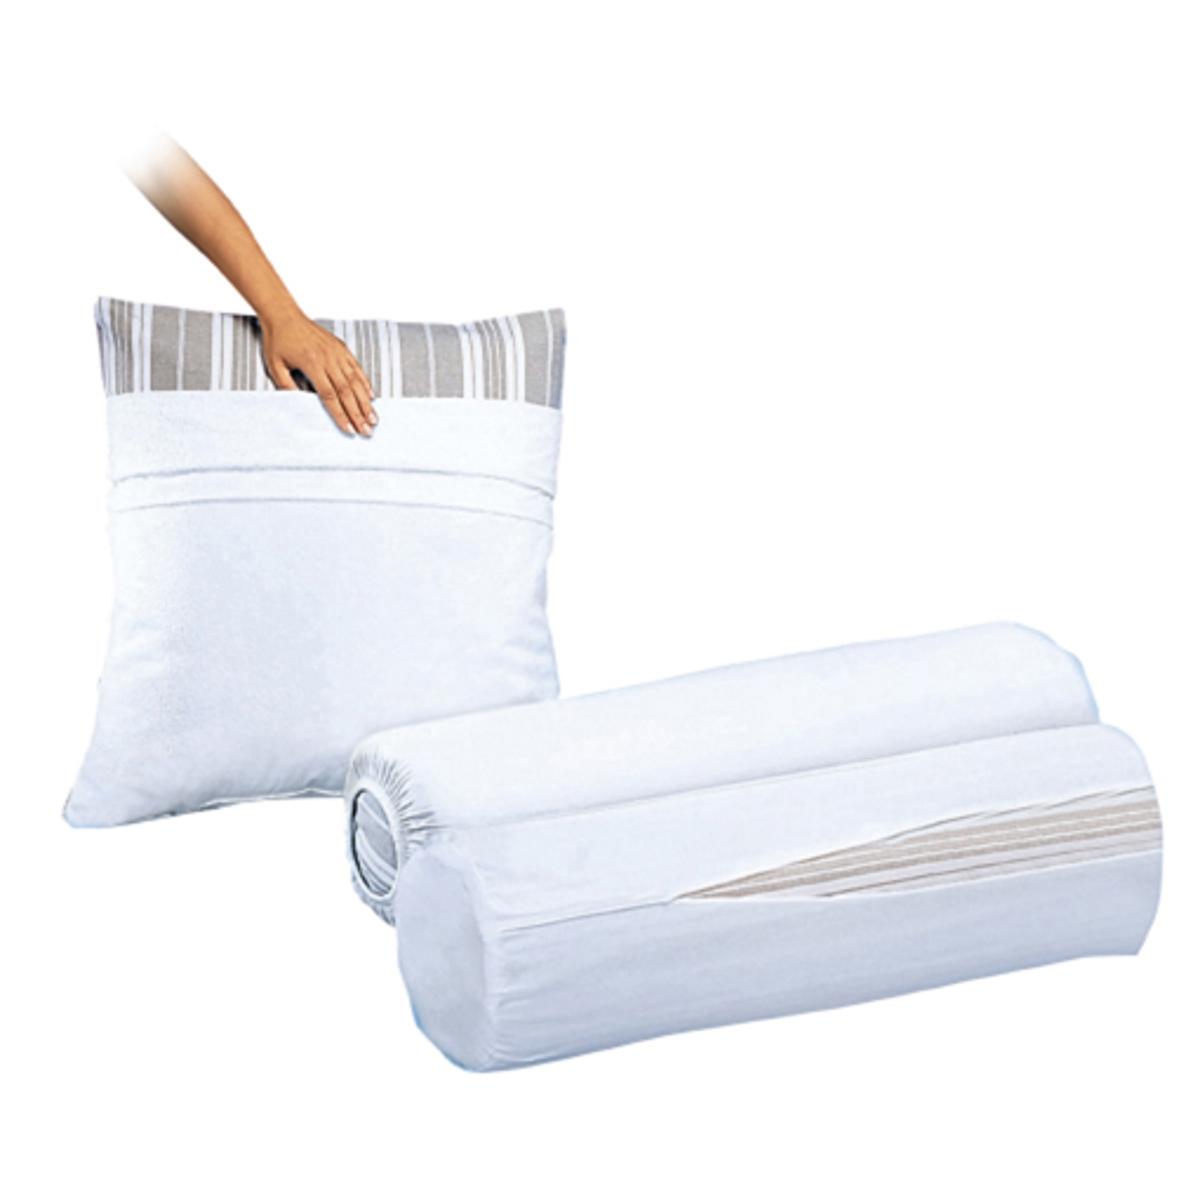 Комплект из 2 защитных чехлов на подушку из джерси, 100% хлопок<br><br>Цвет: белый